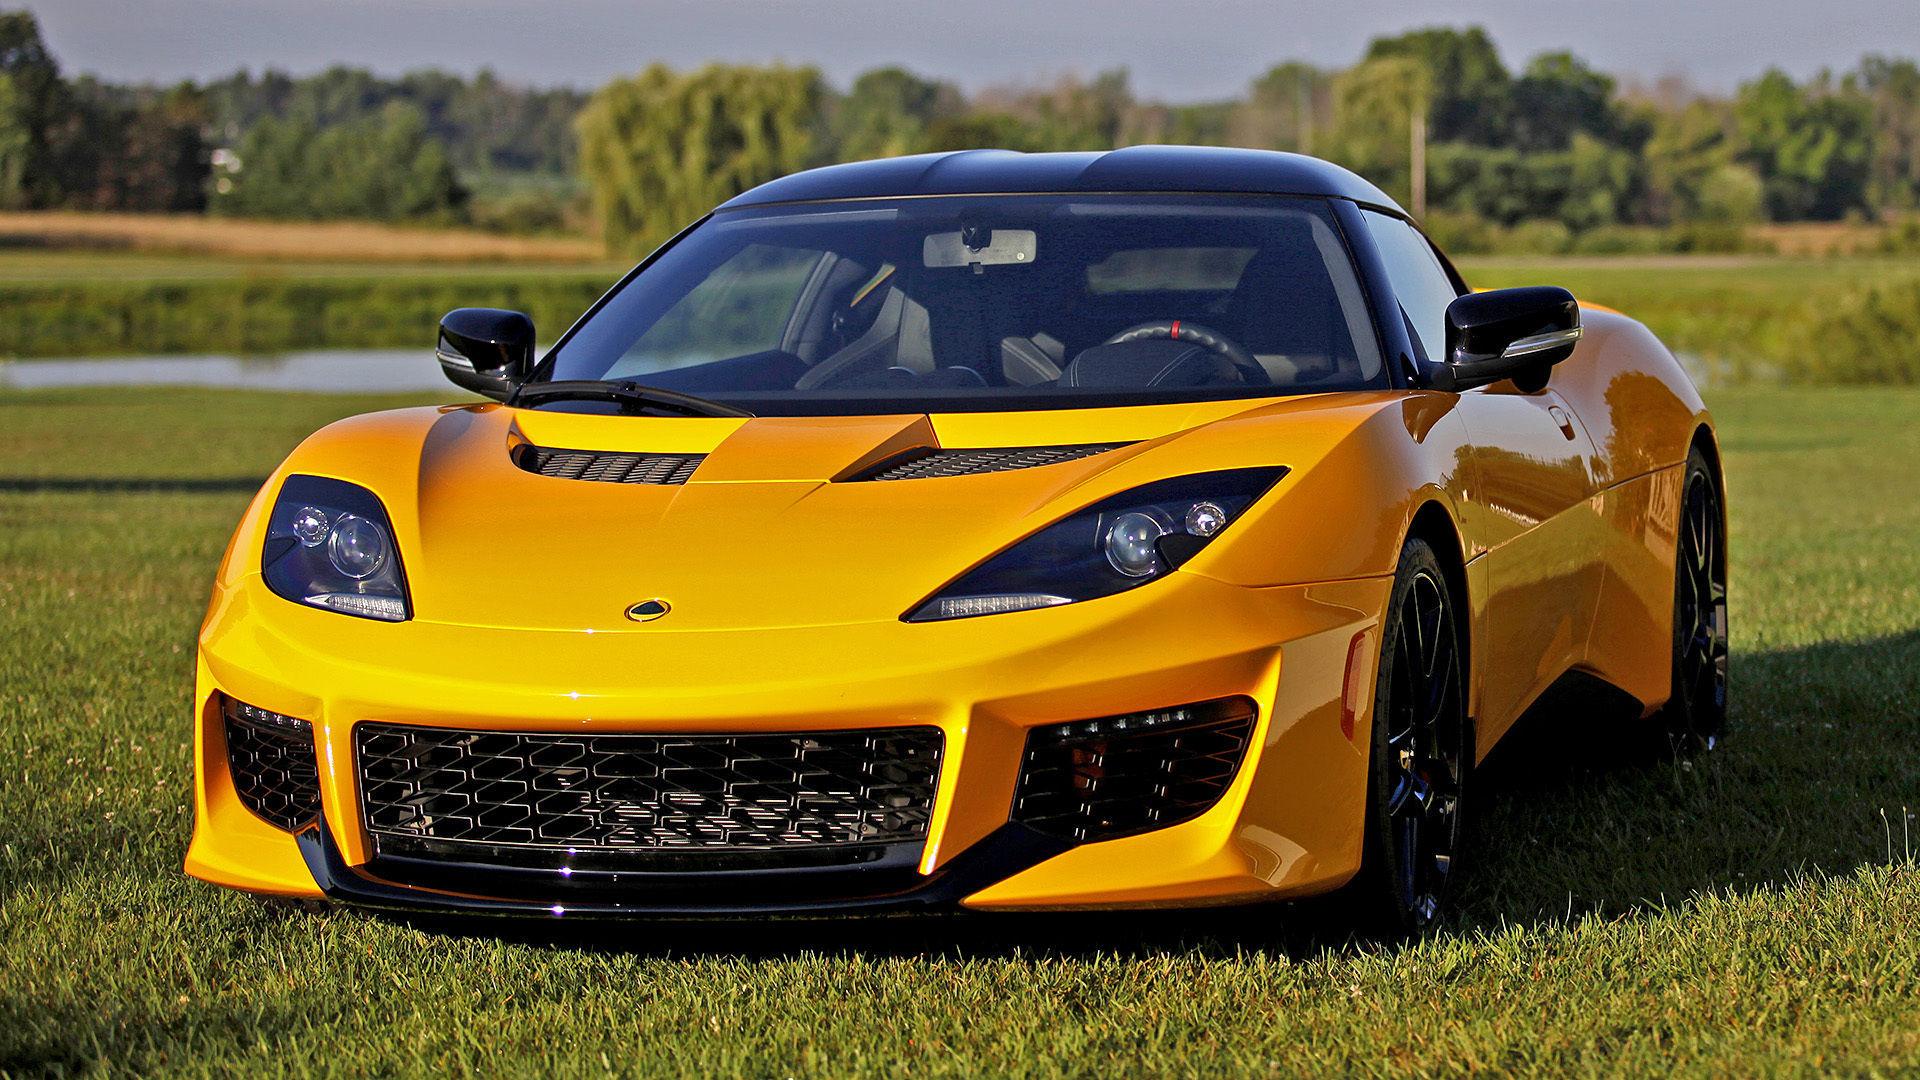 2017 Lotus Evora   2017 Lotus Evora 400